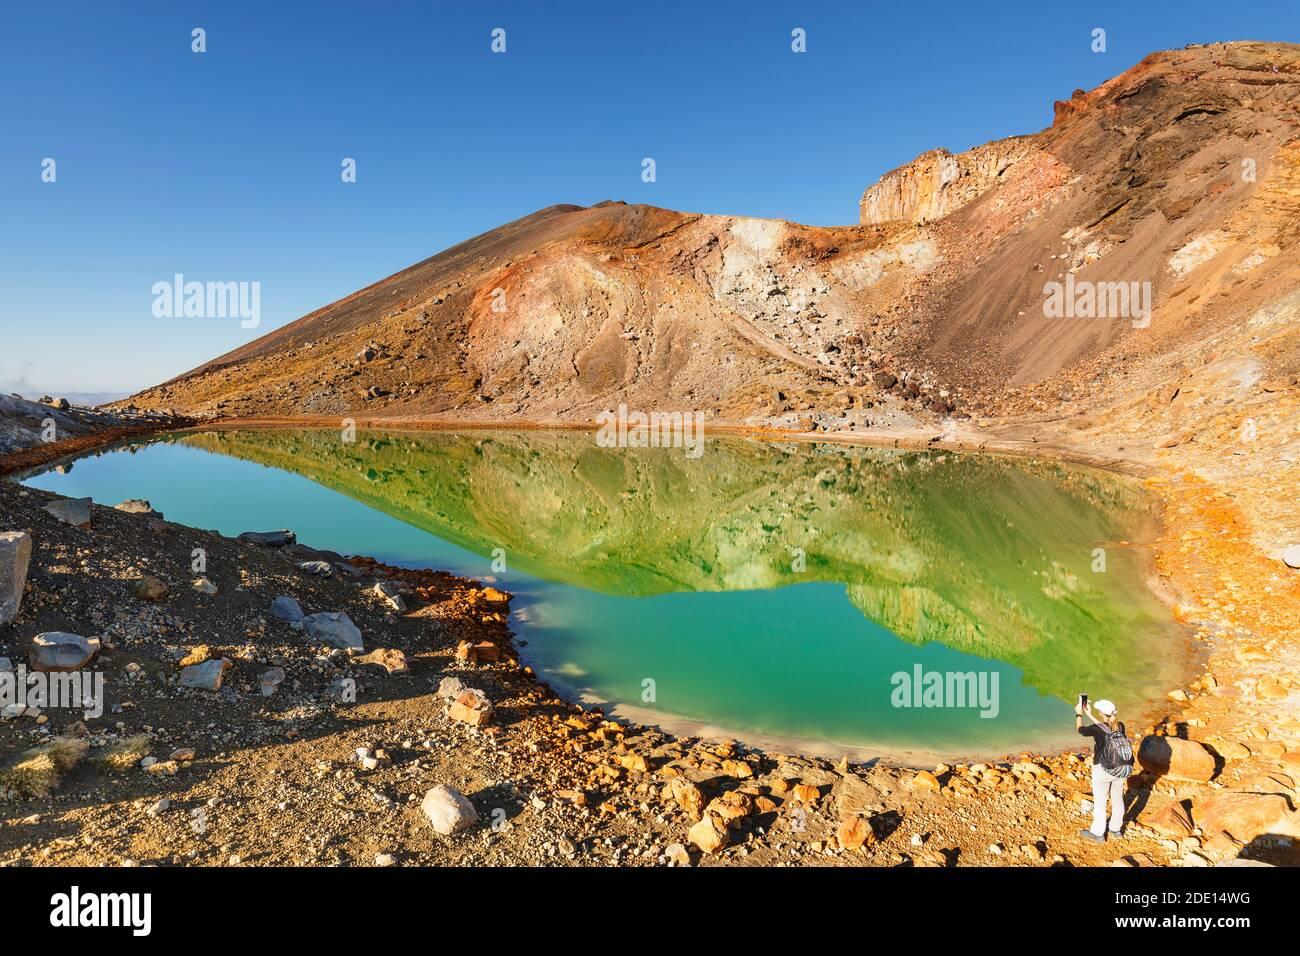 Emerald Lakes, Tongariro Alpine Crossing, Tongariro National Park, UNESCO World Heritage Site, North Island, New Zealand, Pacific Stock Photo